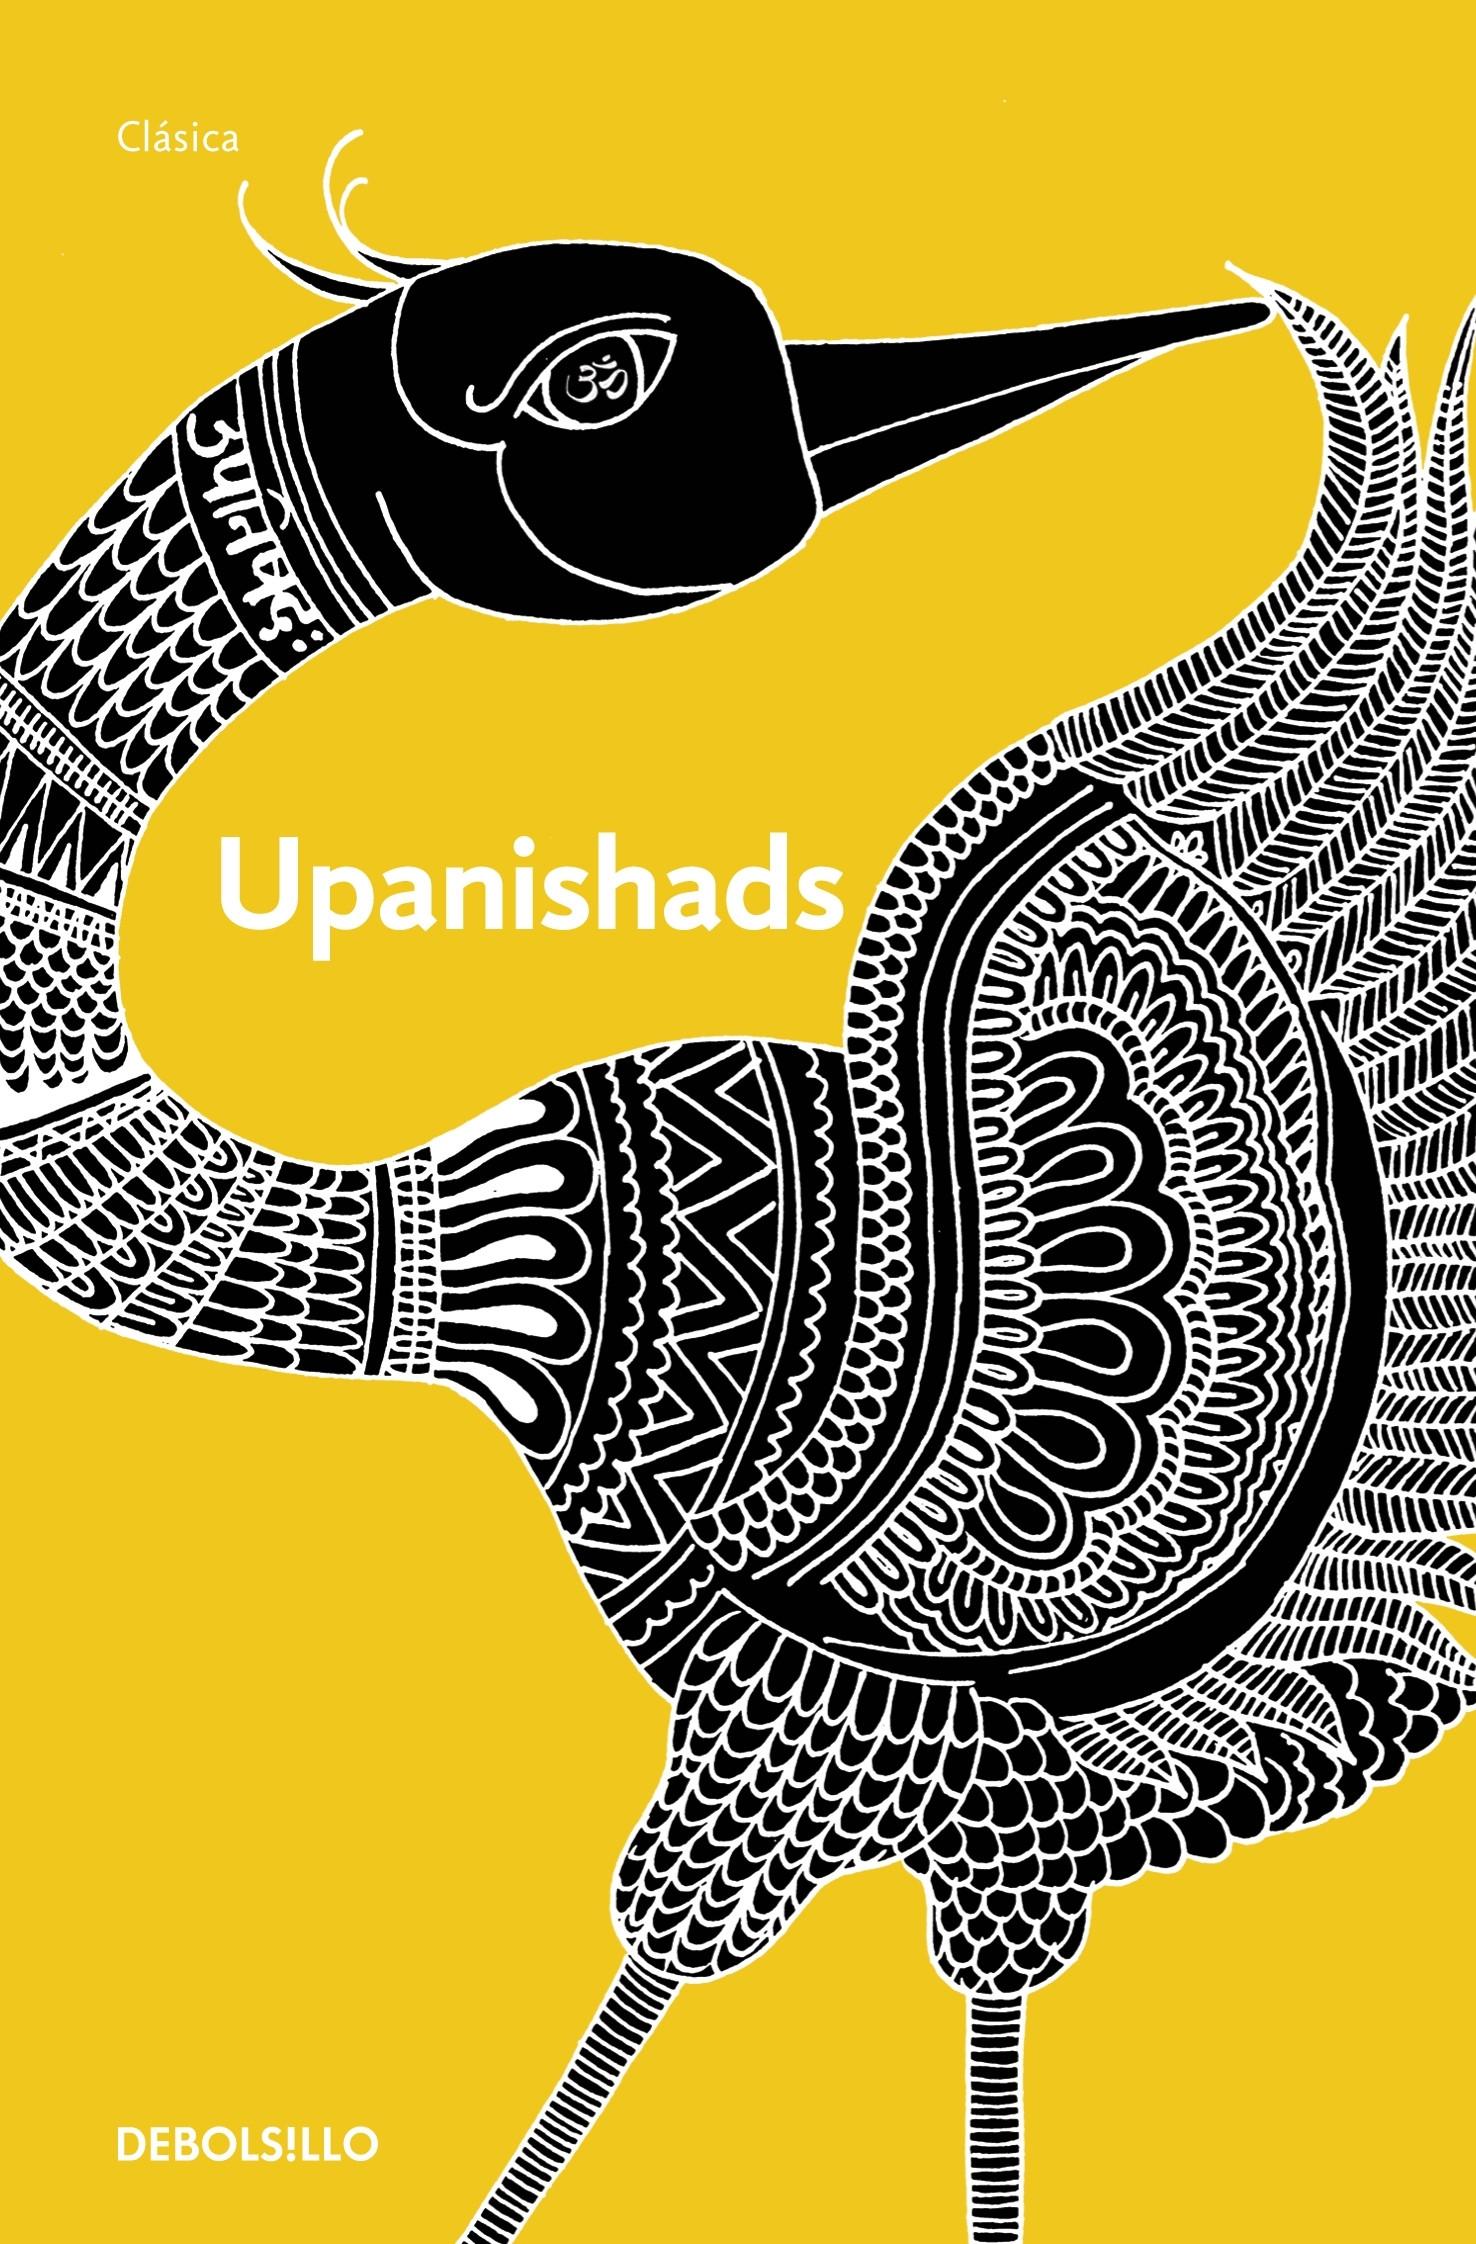 Upanishads, the